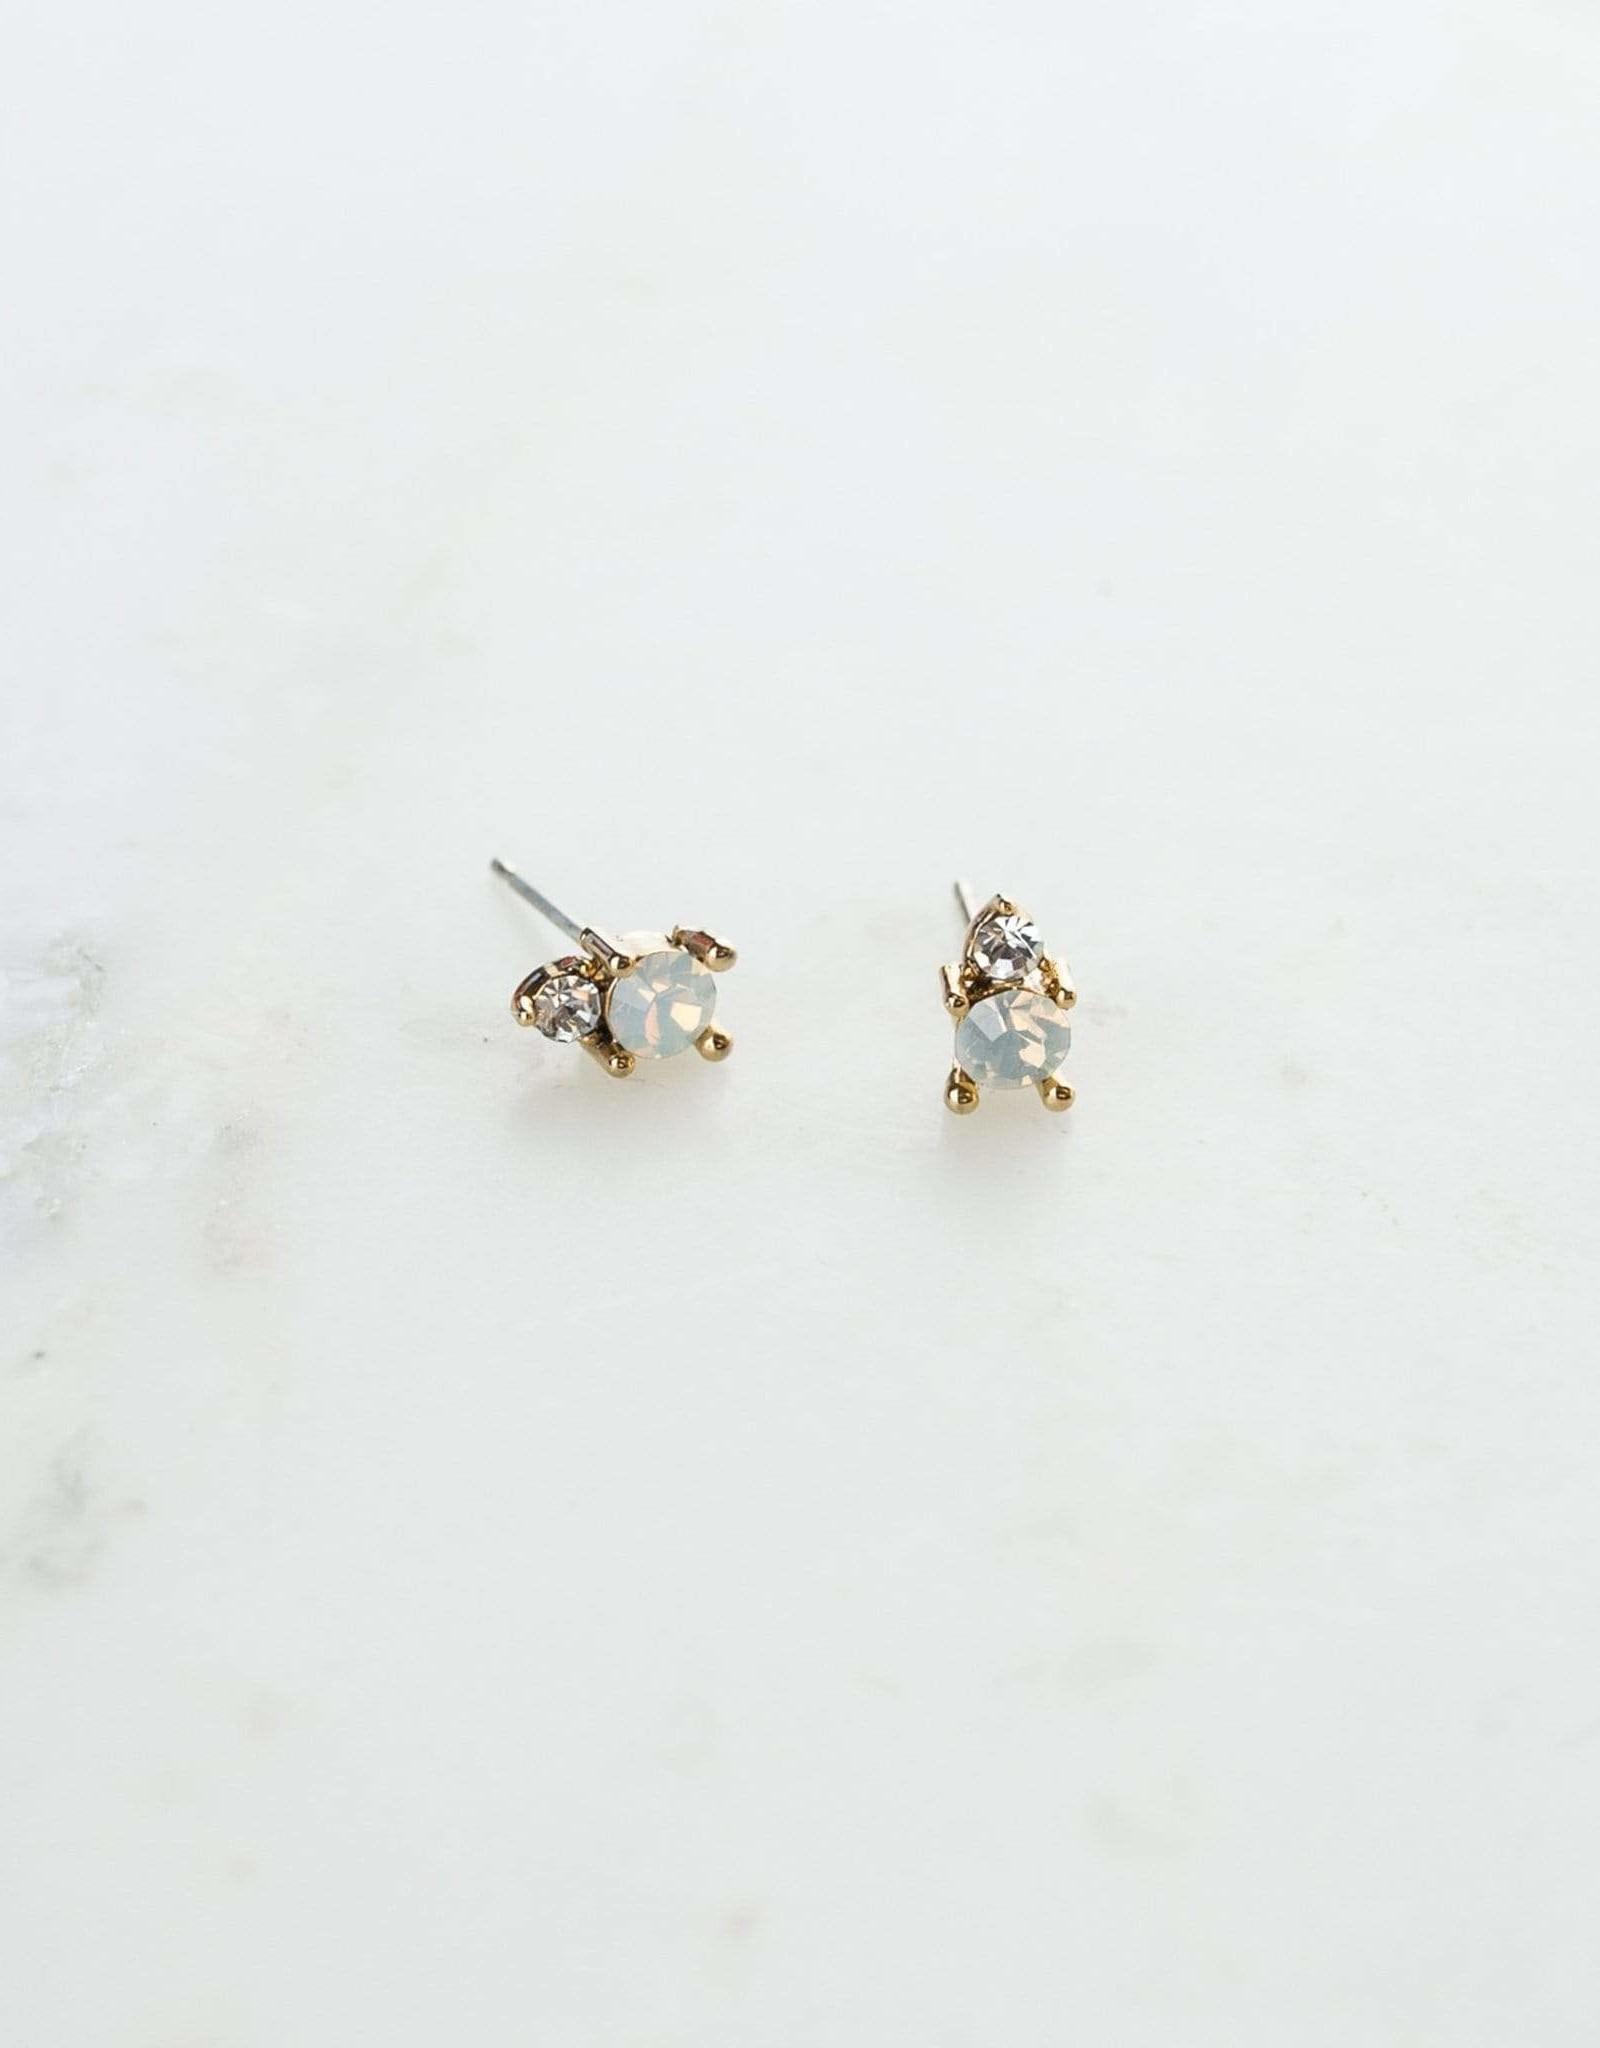 Dolce Stud Earrings - White Opal